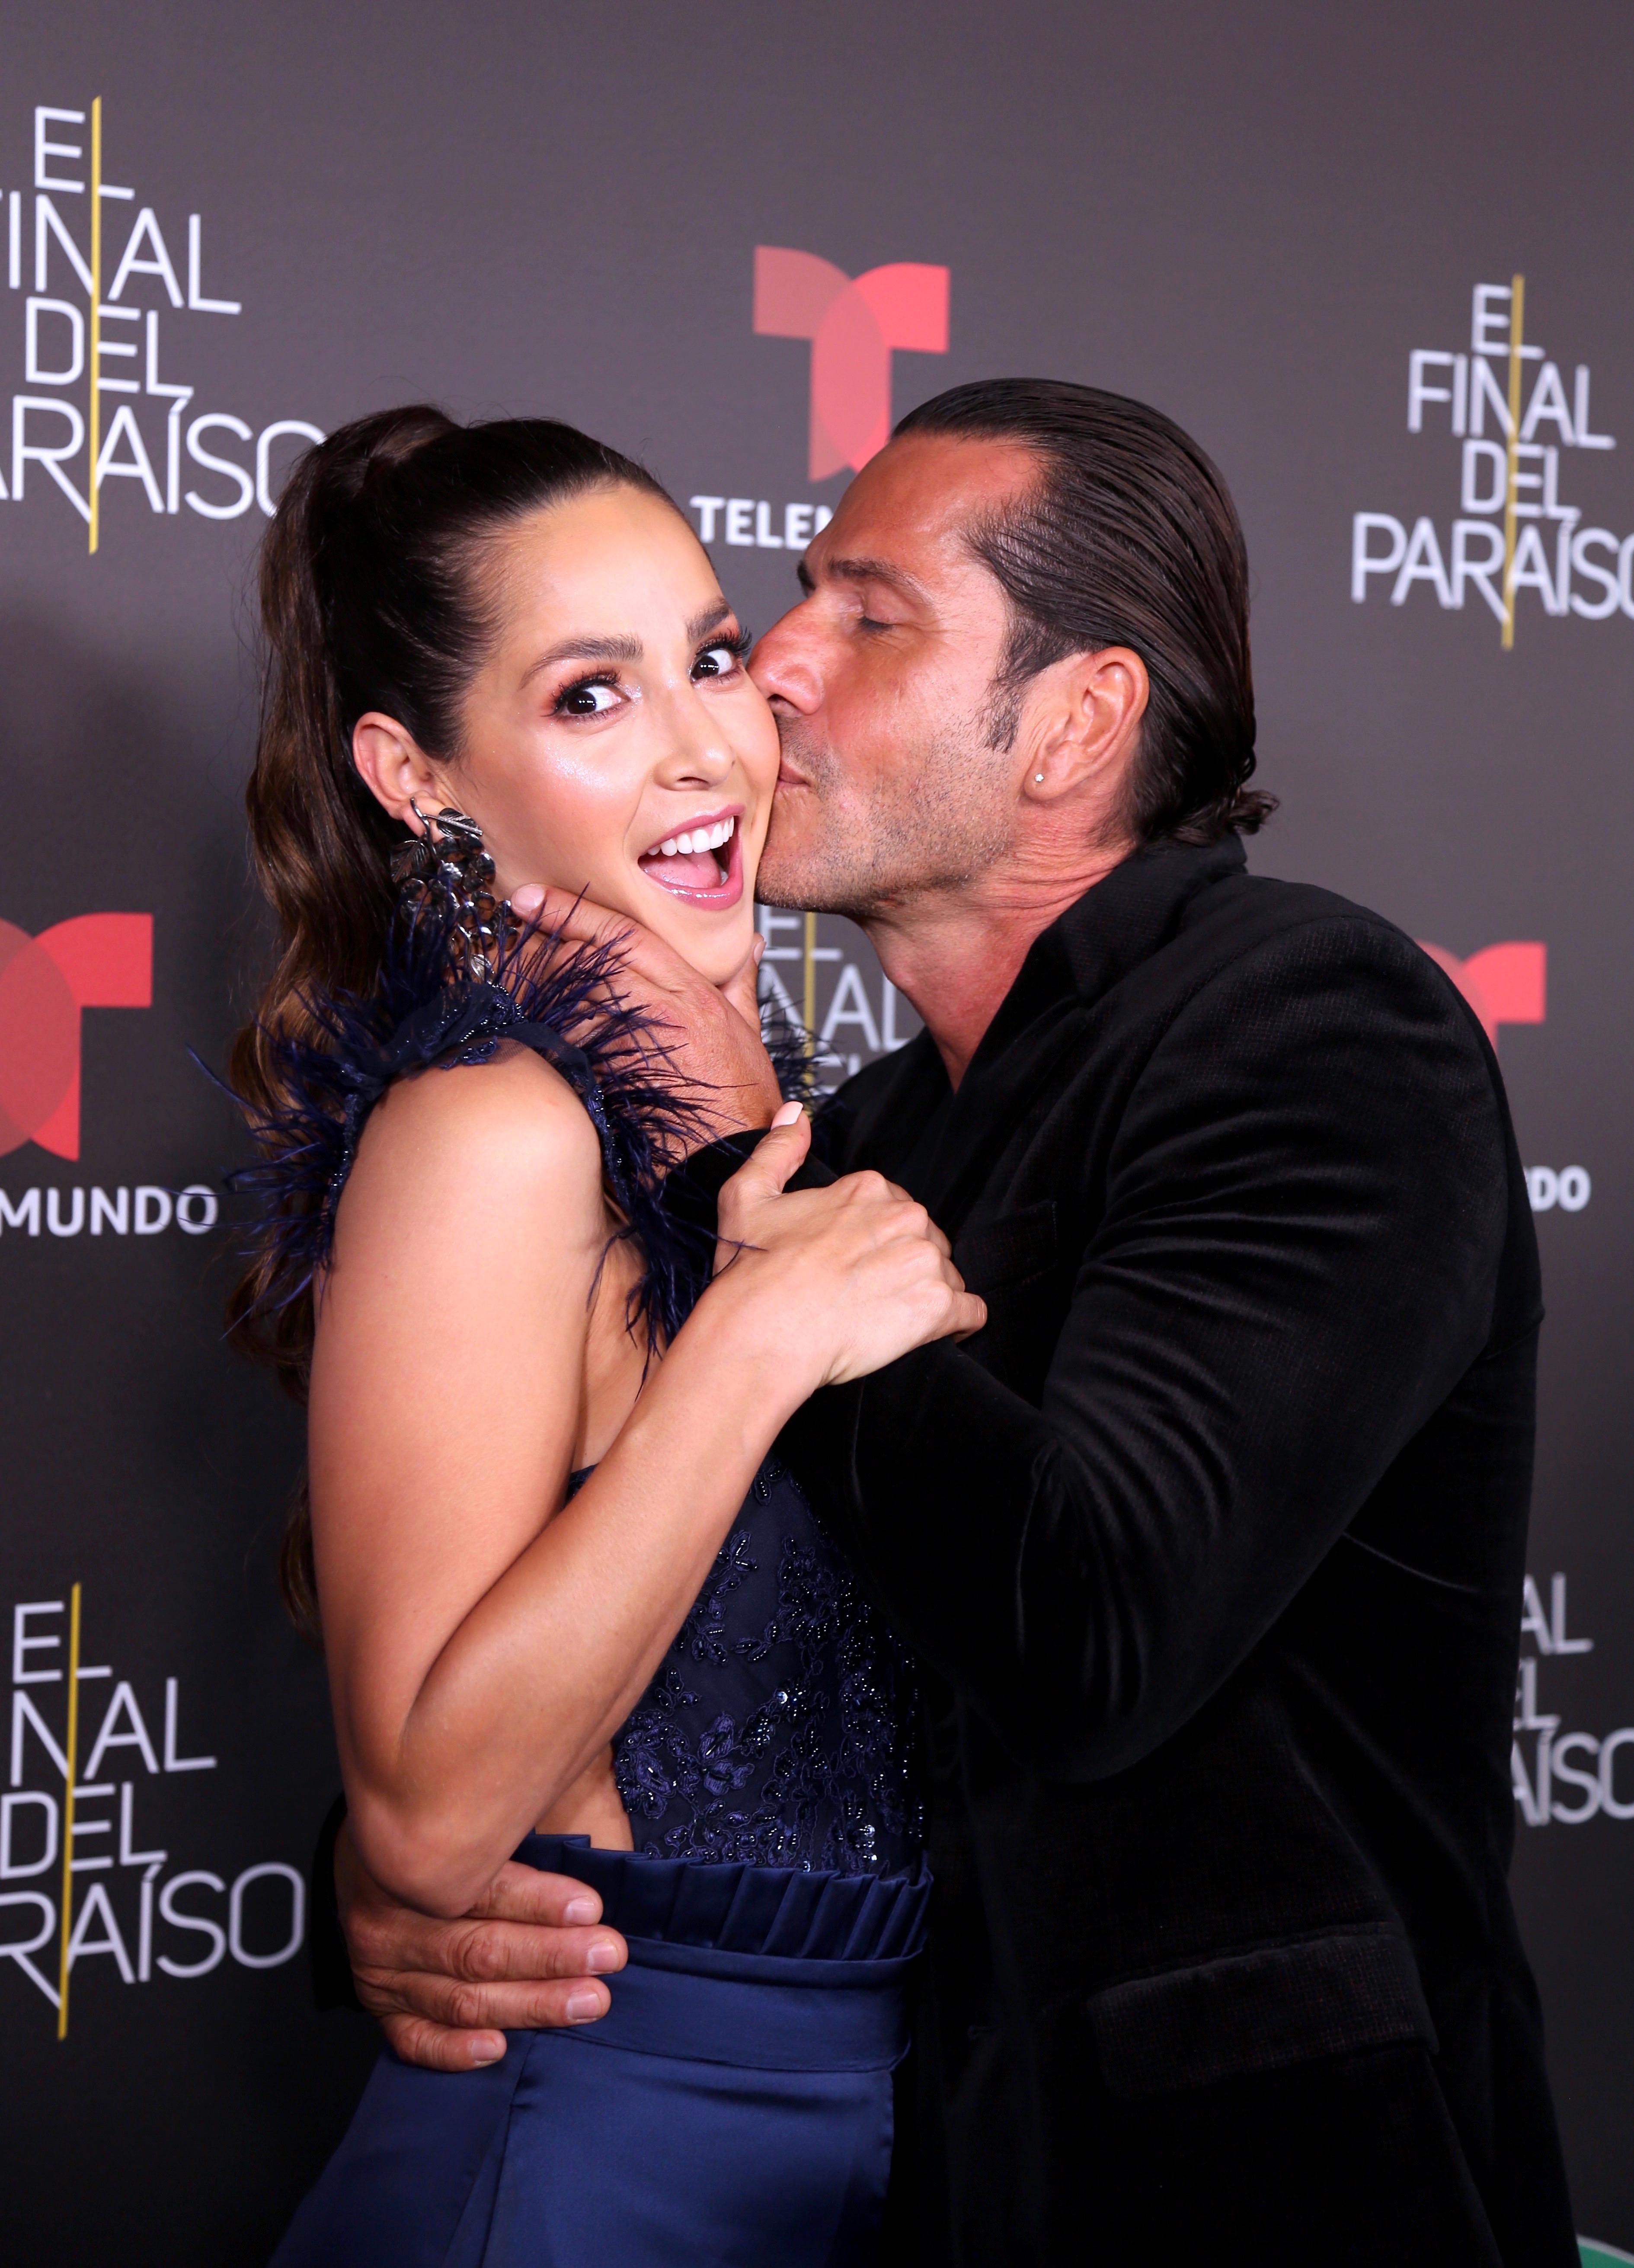 El final del paraíso Carmen Villalobos y Gregorio Pernía